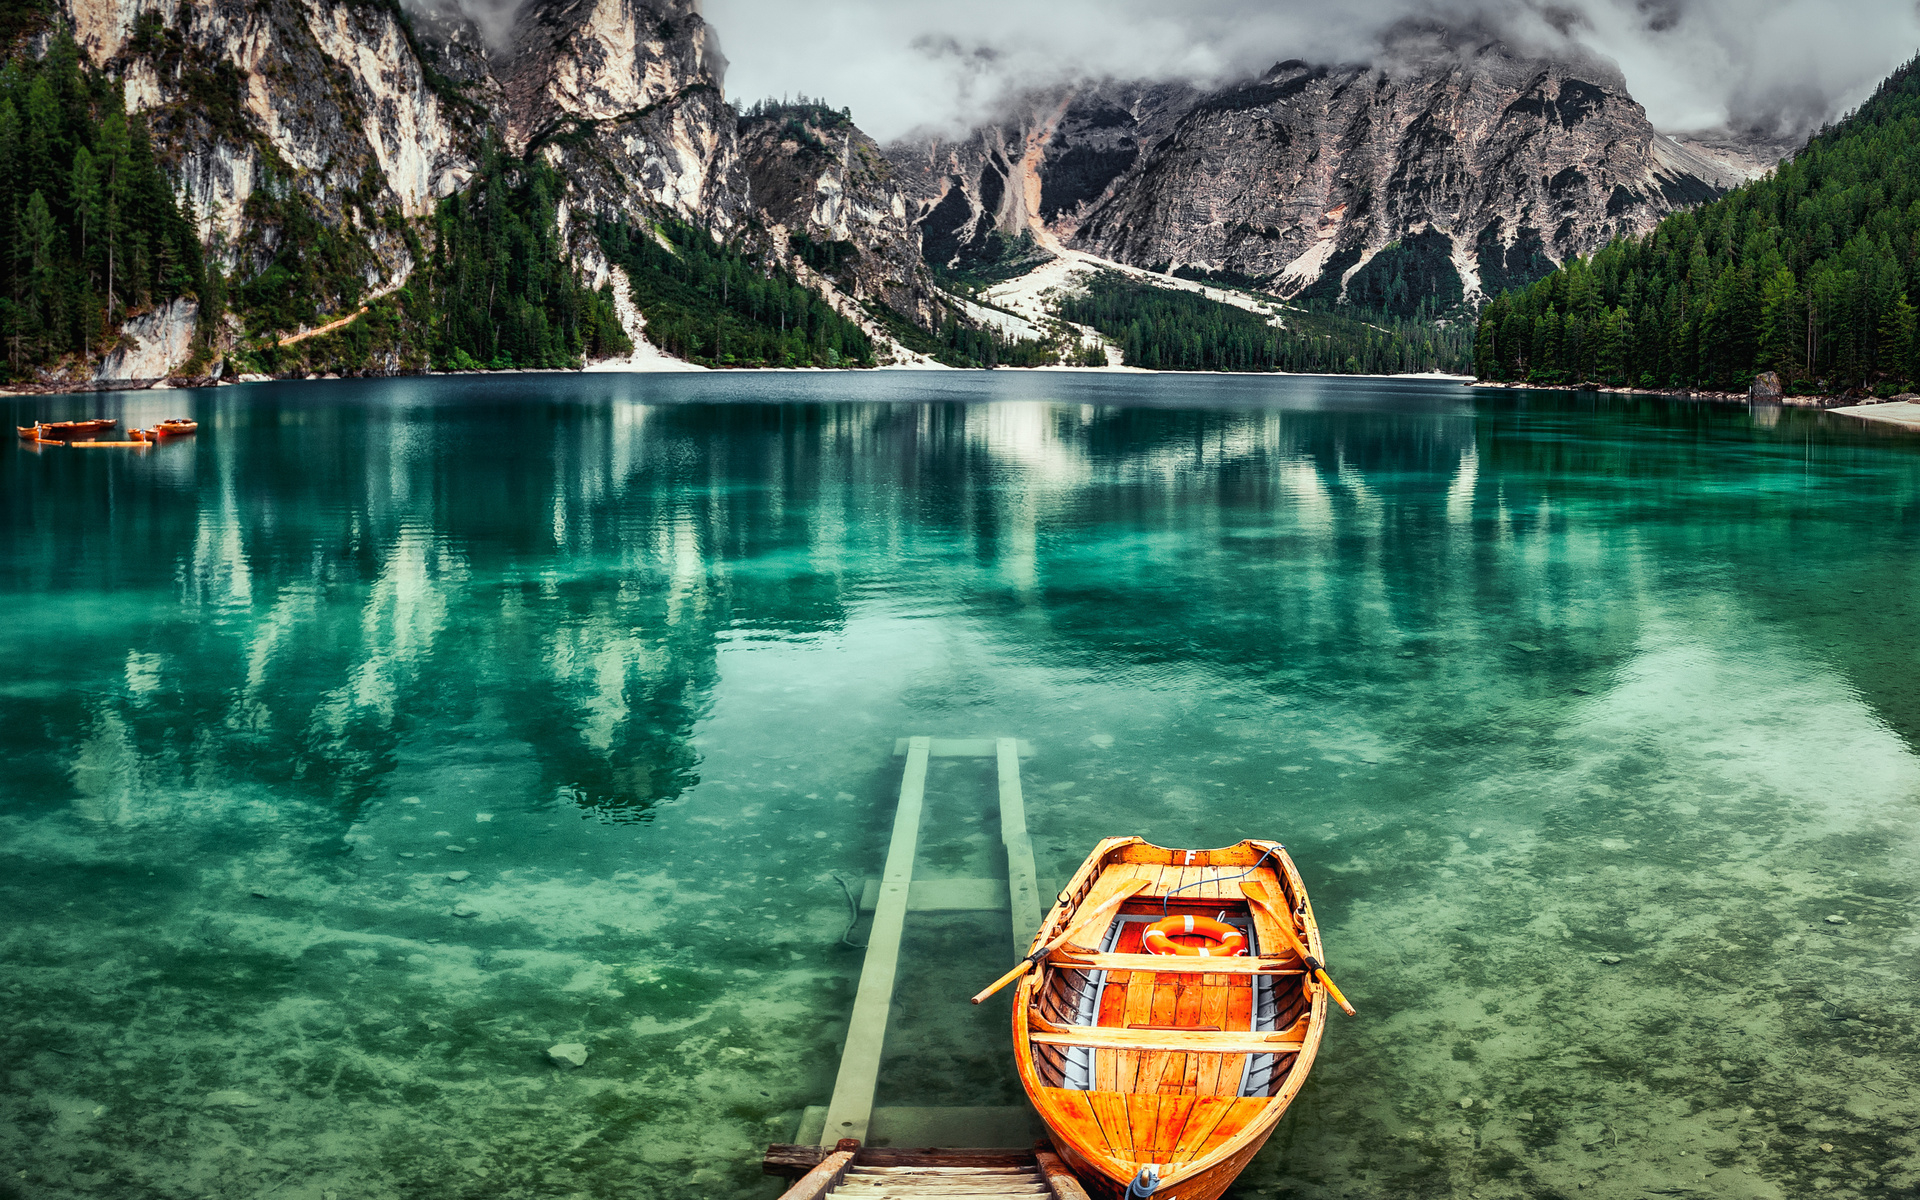 облака, пейзаж, горы, природа, озеро, лодки, альпы, италия, леса, брайес, alexandr bezmolitvenny